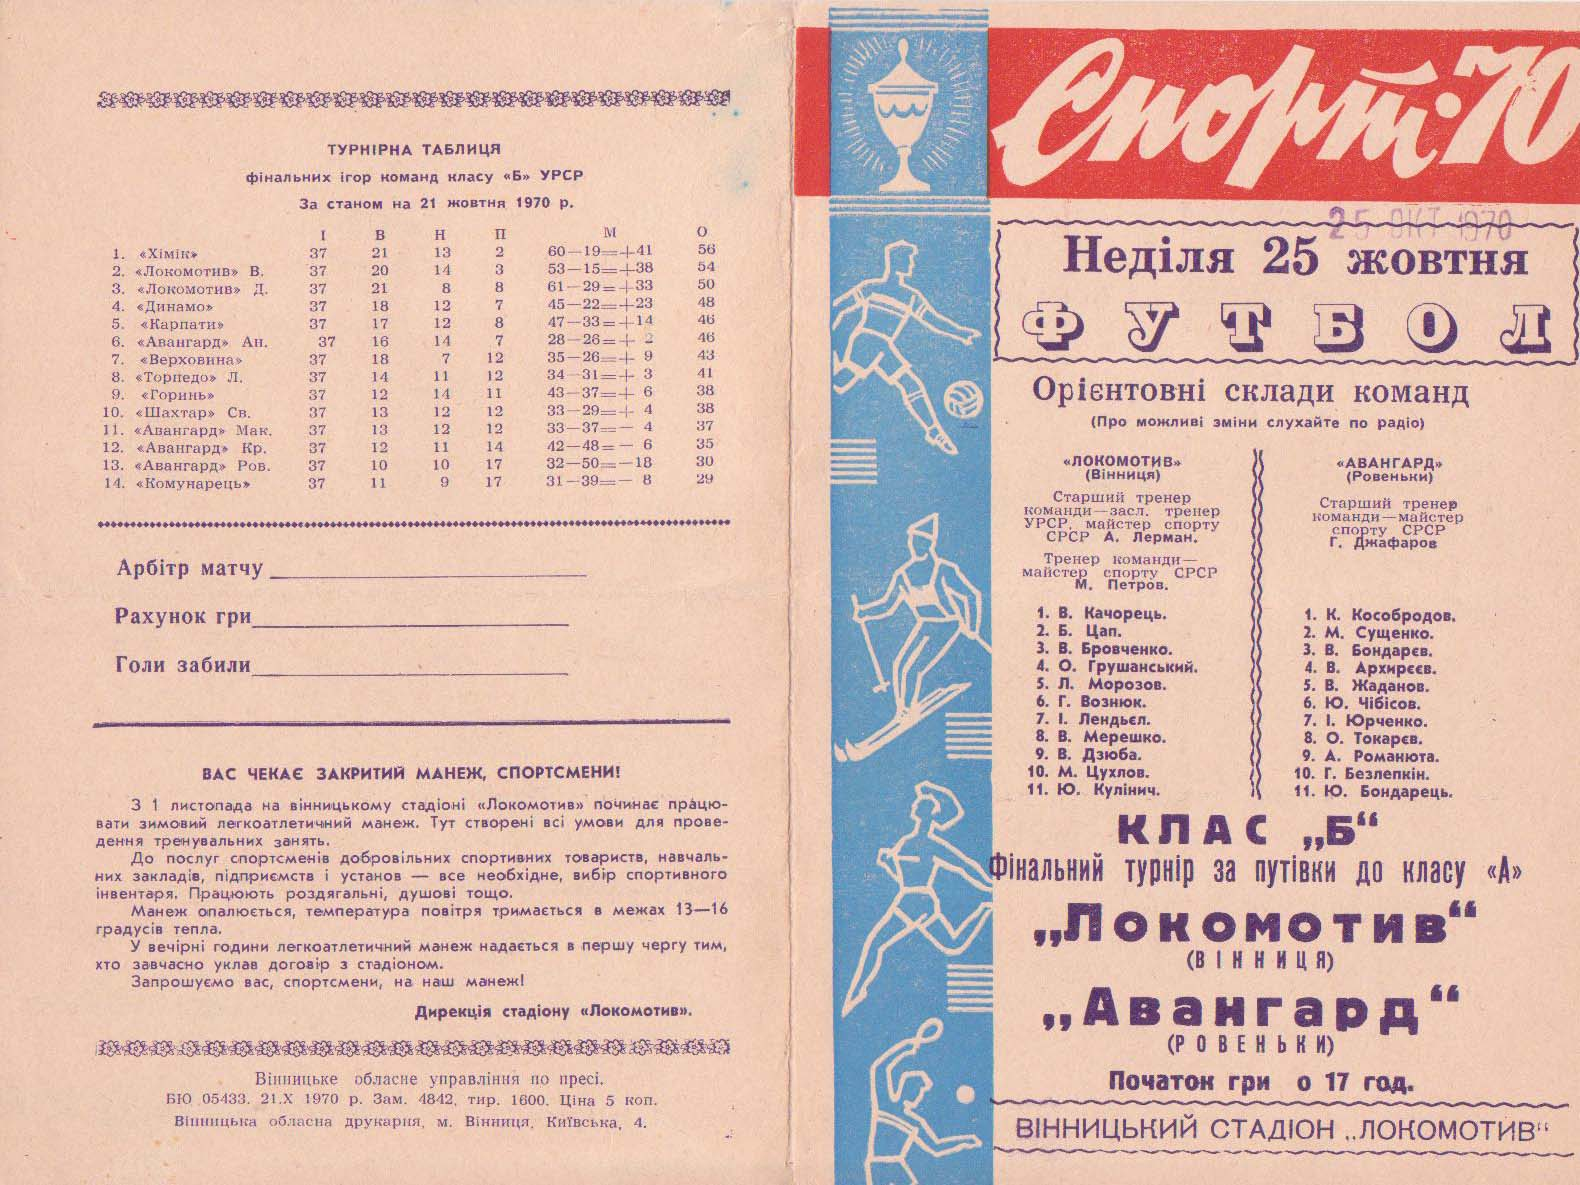 Архив футбольного клуба Авангард